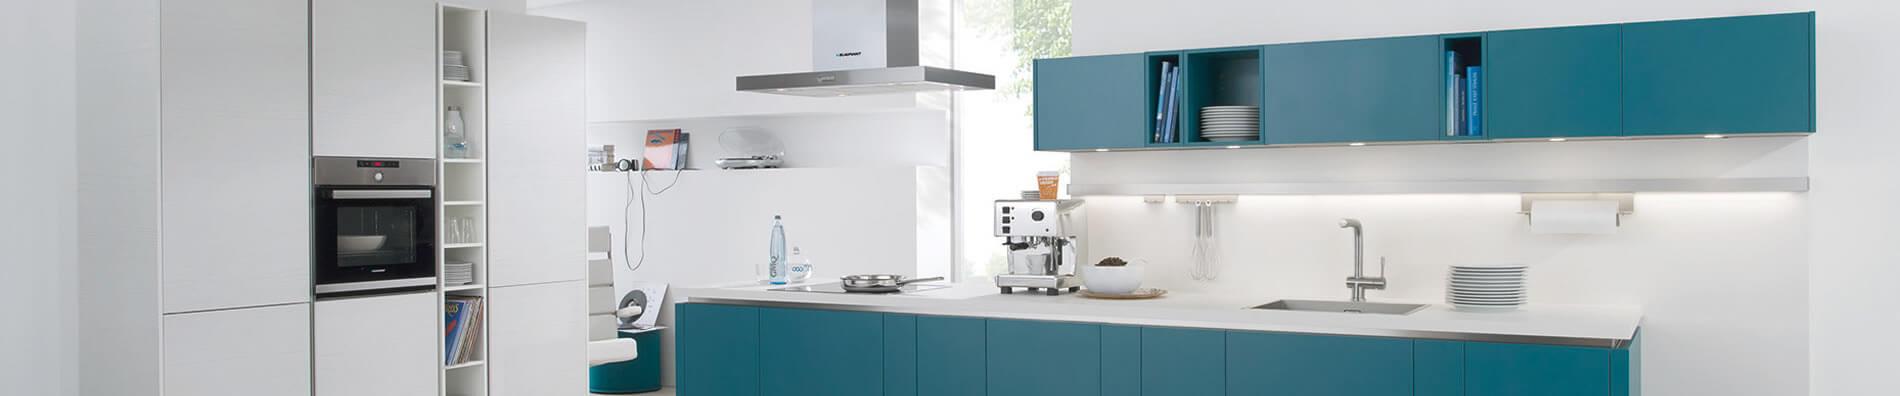 Nieburg keuken